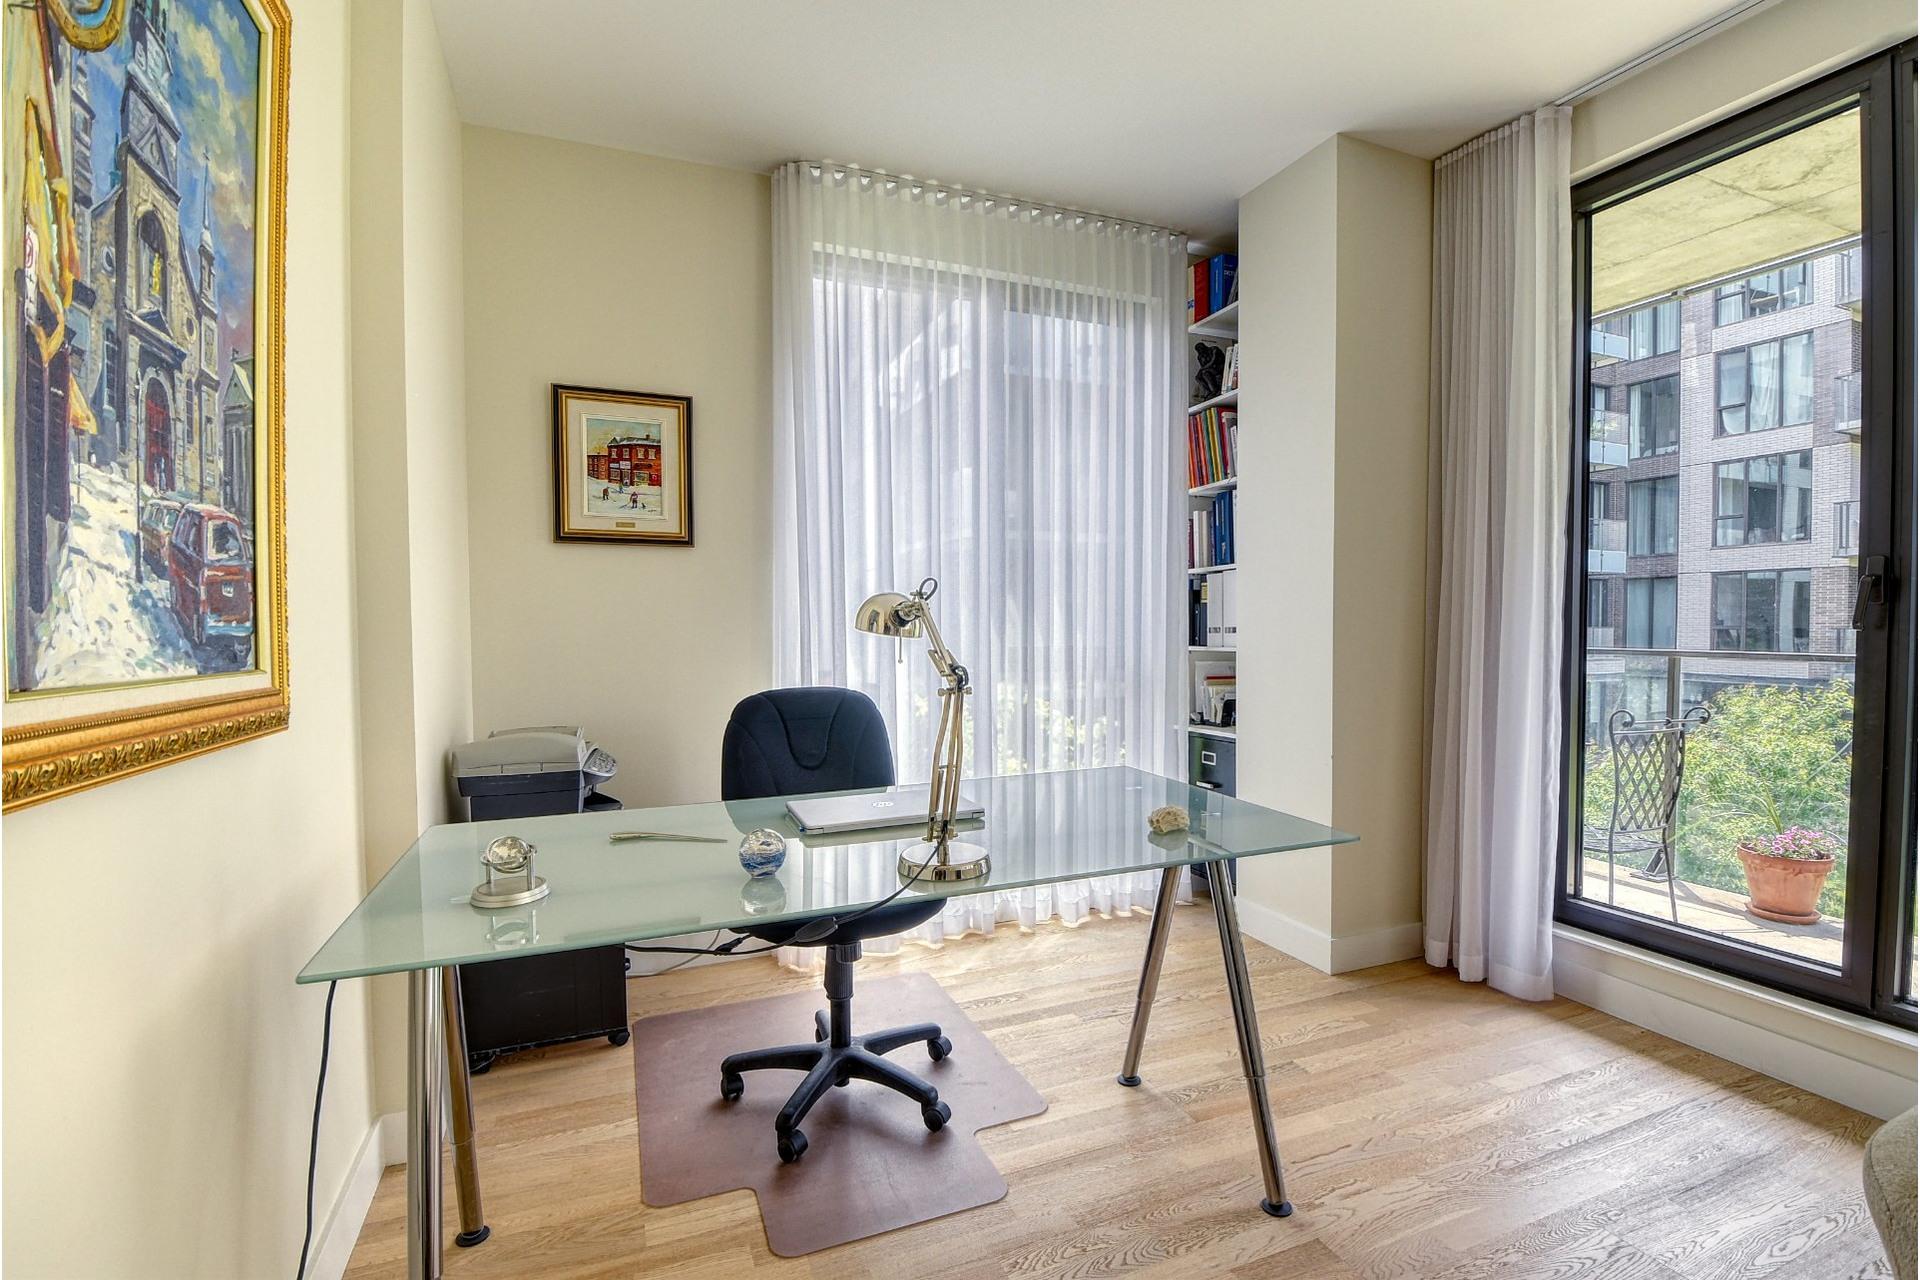 image 5 - Appartement À vendre Villeray/Saint-Michel/Parc-Extension Montréal  - 5 pièces